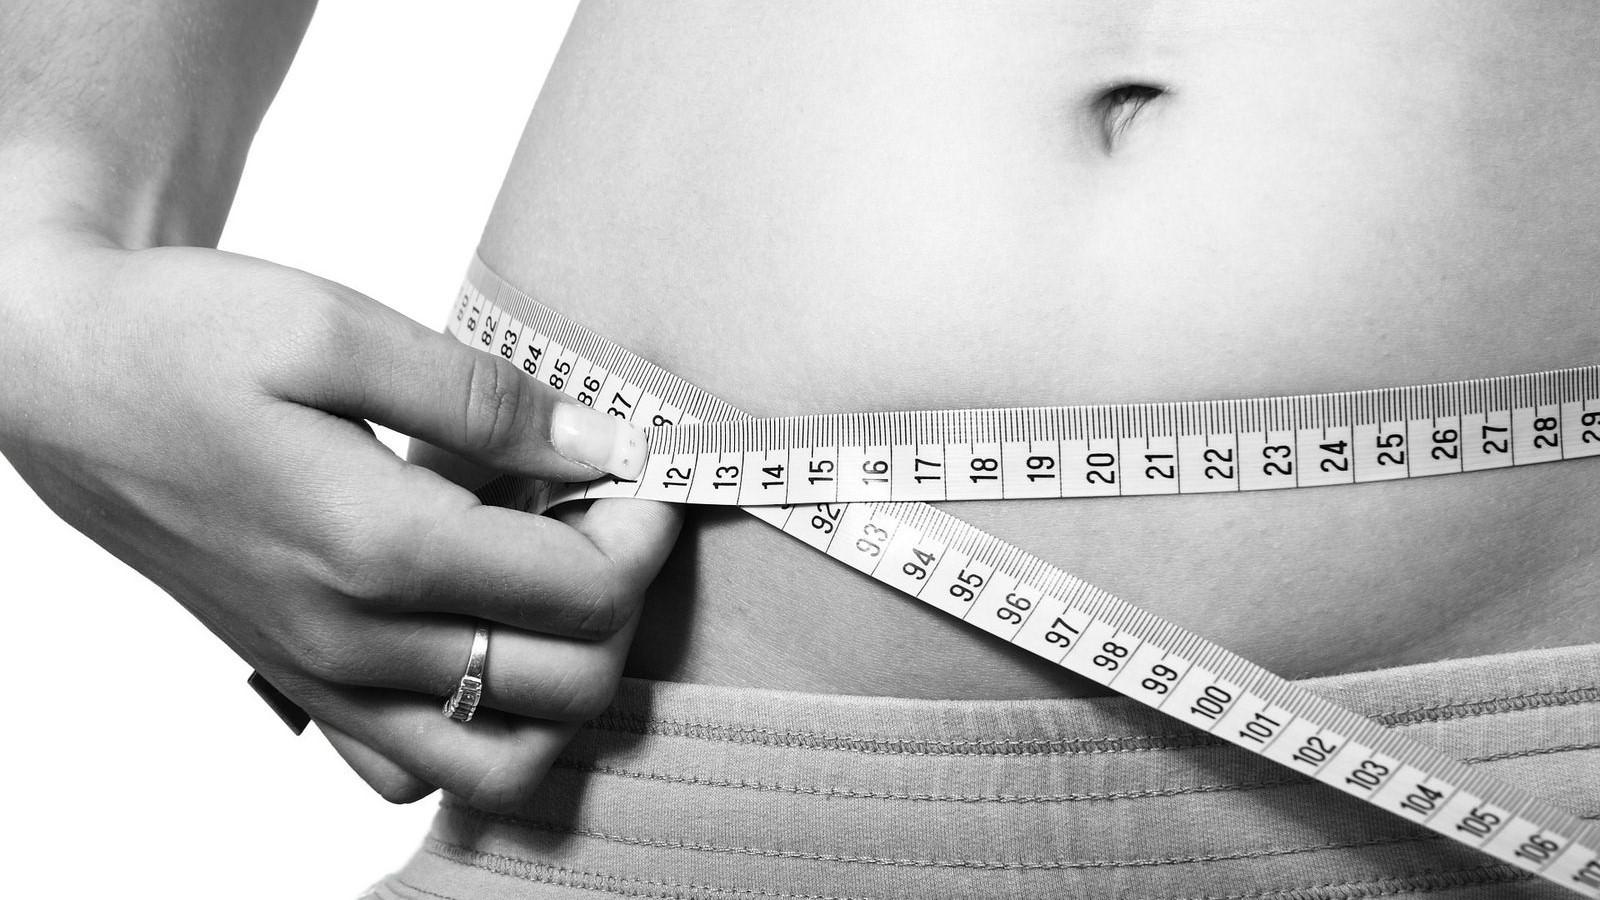 cum să slăbești multă greutate Valium efecte secundare de pierdere în greutate